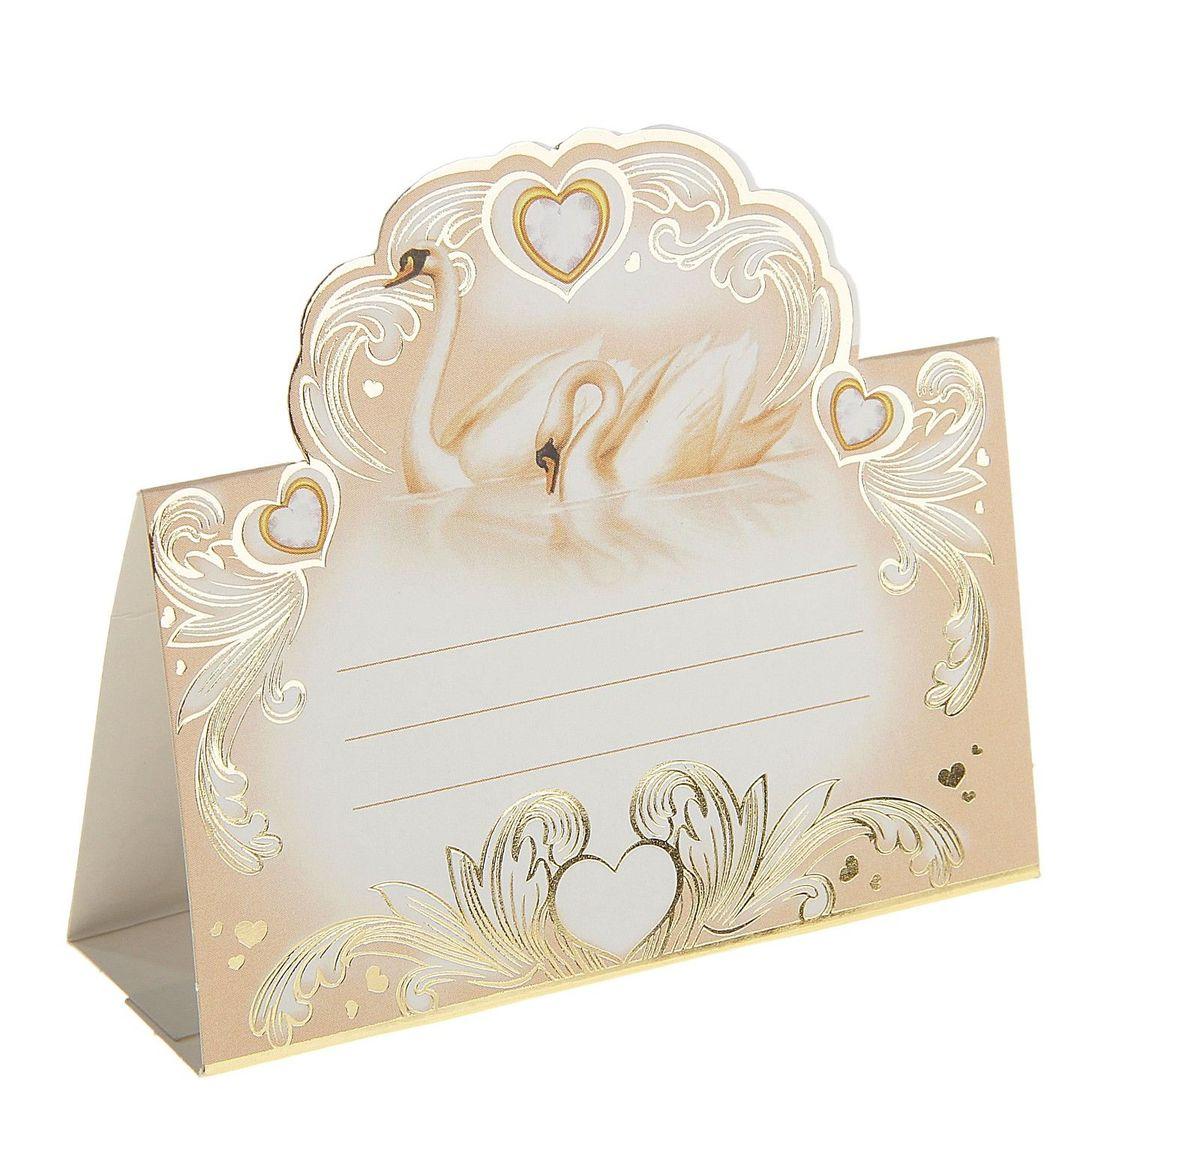 Банкетная карточка Мир открыток. 778443778443Красиво оформленный свадебный стол - это эффектное, неординарное и очень значимое обрамление для проведения любого запланированного вами торжества. Банкетная карточка - это красивое и оригинальное украшение зала, которое дополнит выдержанный стиль мероприятия и передаст праздничное настроение вам и вашим гостям.